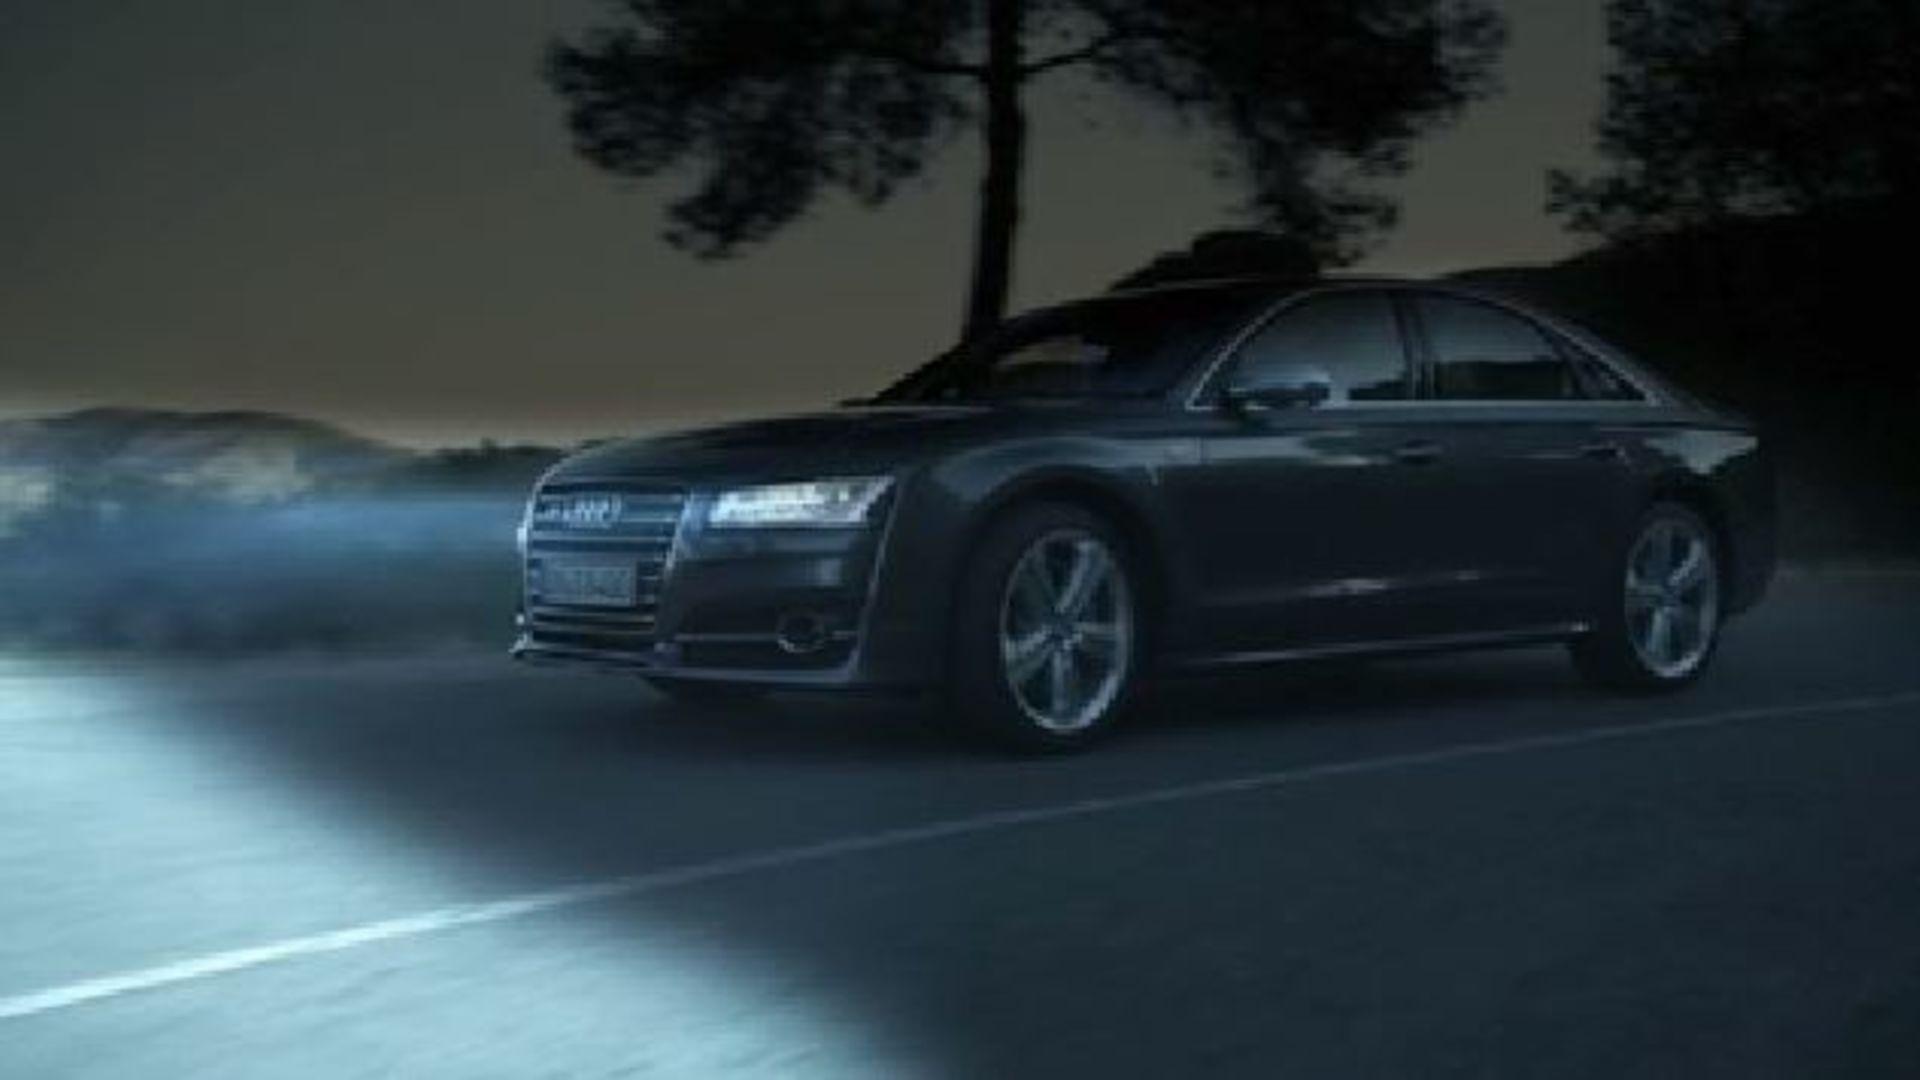 Die Audi Matrix LED-Scheinwerfer